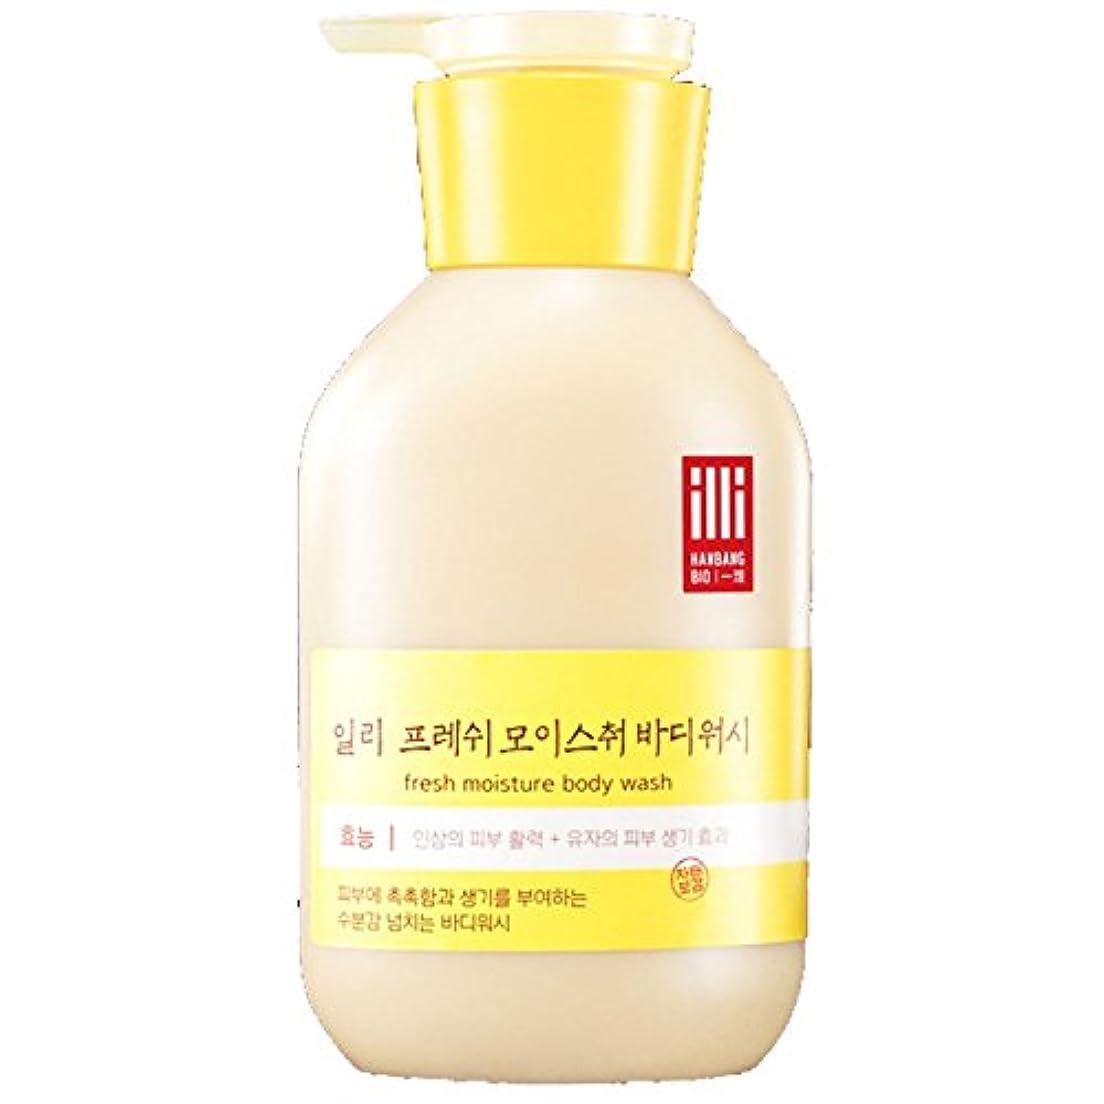 トラフ寓話意見(アモーレパシフィック ) Amore Pacific illi Fresh Moisture Body lotion 新鮮な水分ボディローション 350ml  (海外直送品)